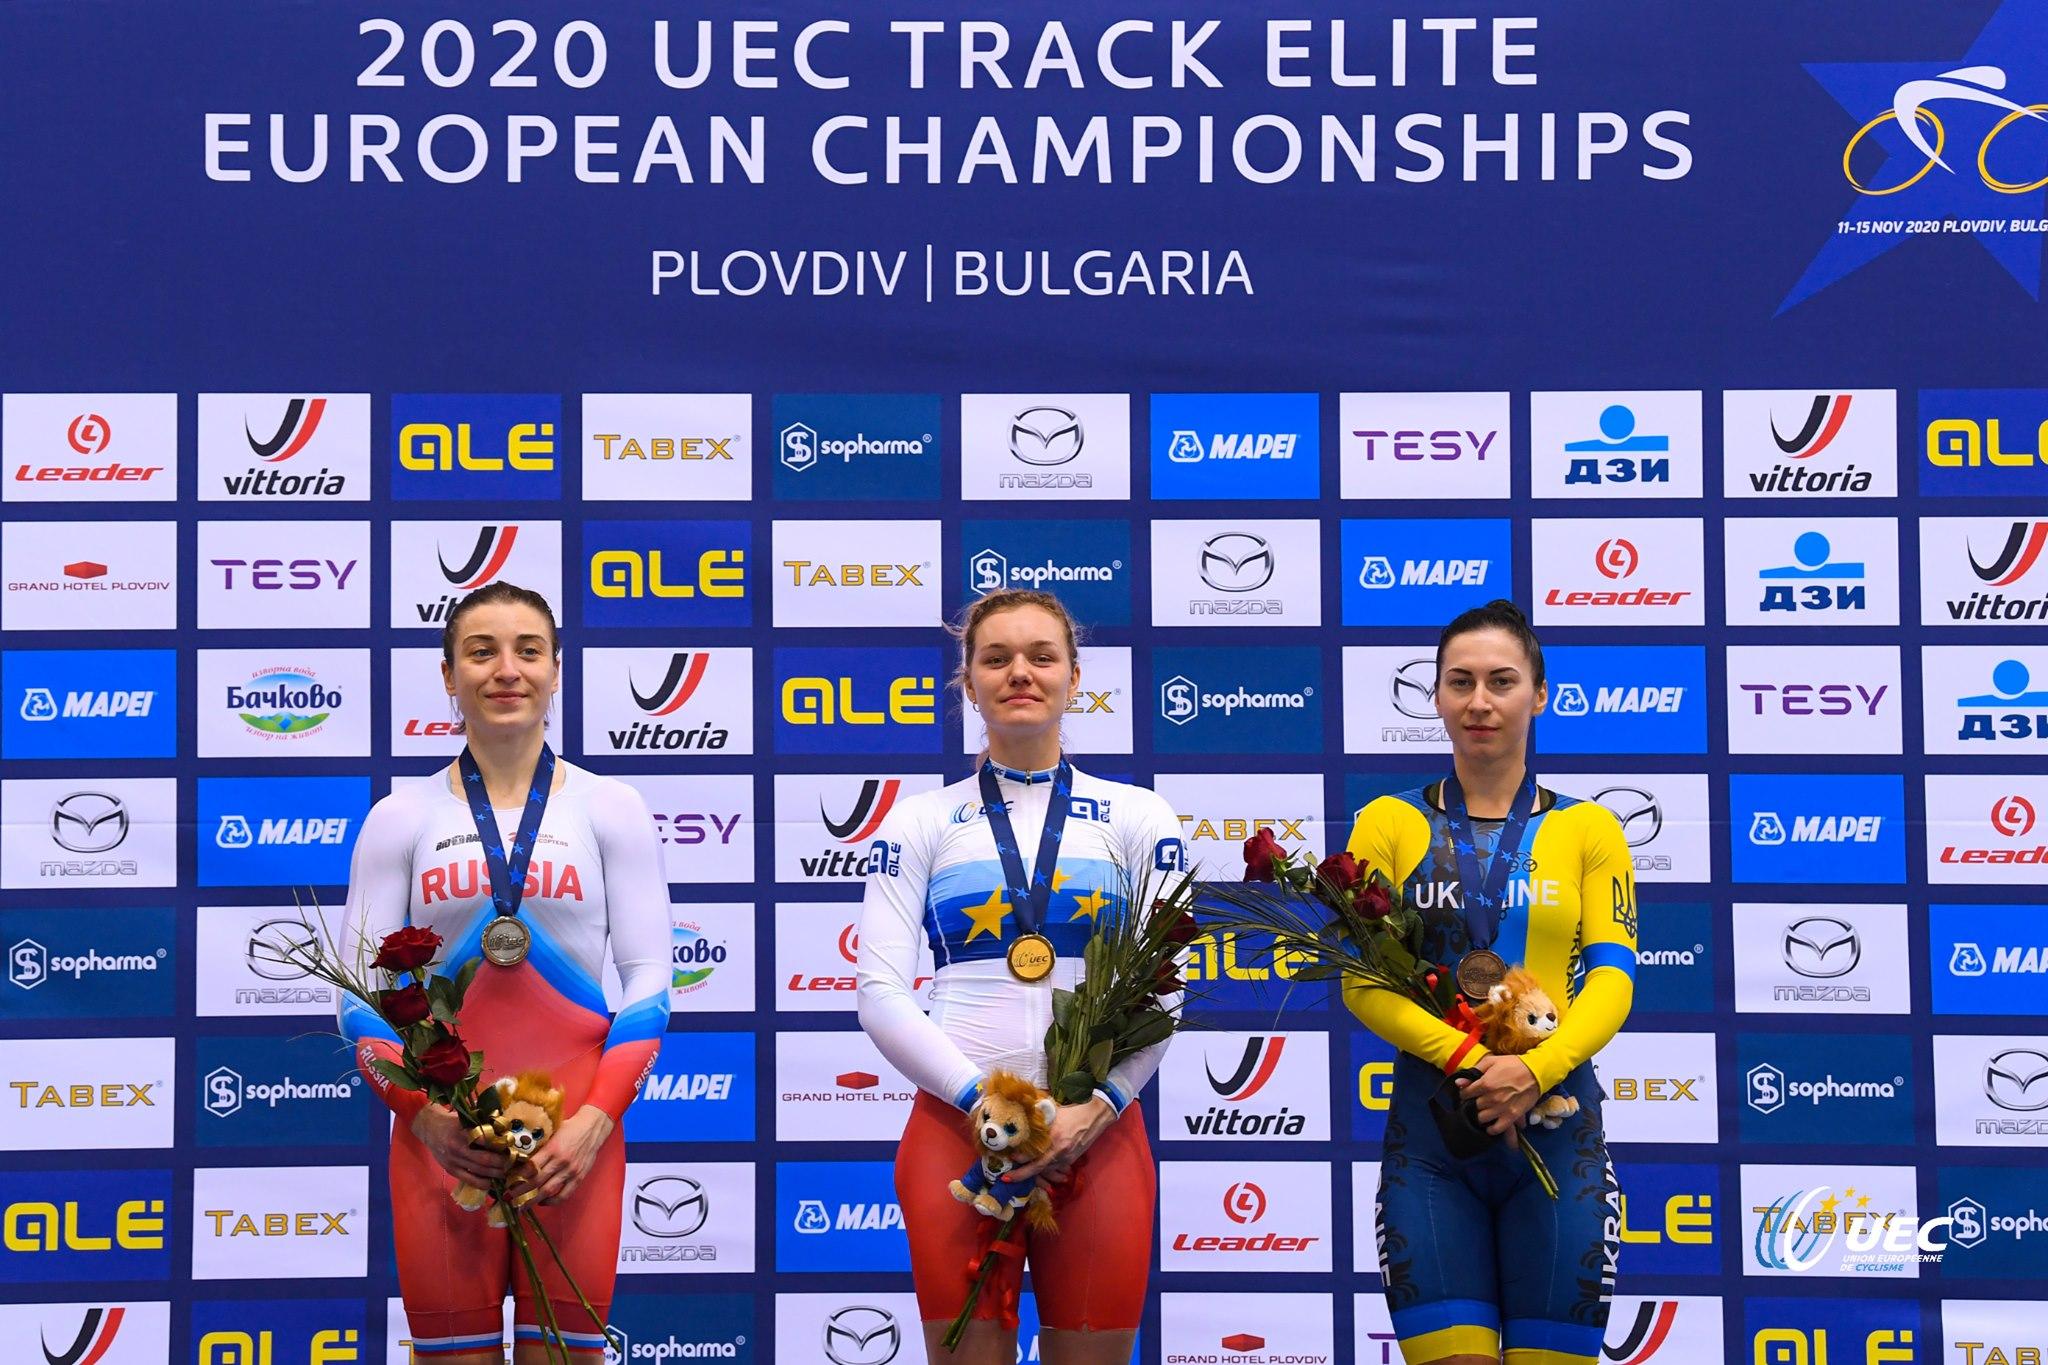 Il podio del Campionato Europeo Velocità Donne Elite (foto UEC/BettiniPhoto)